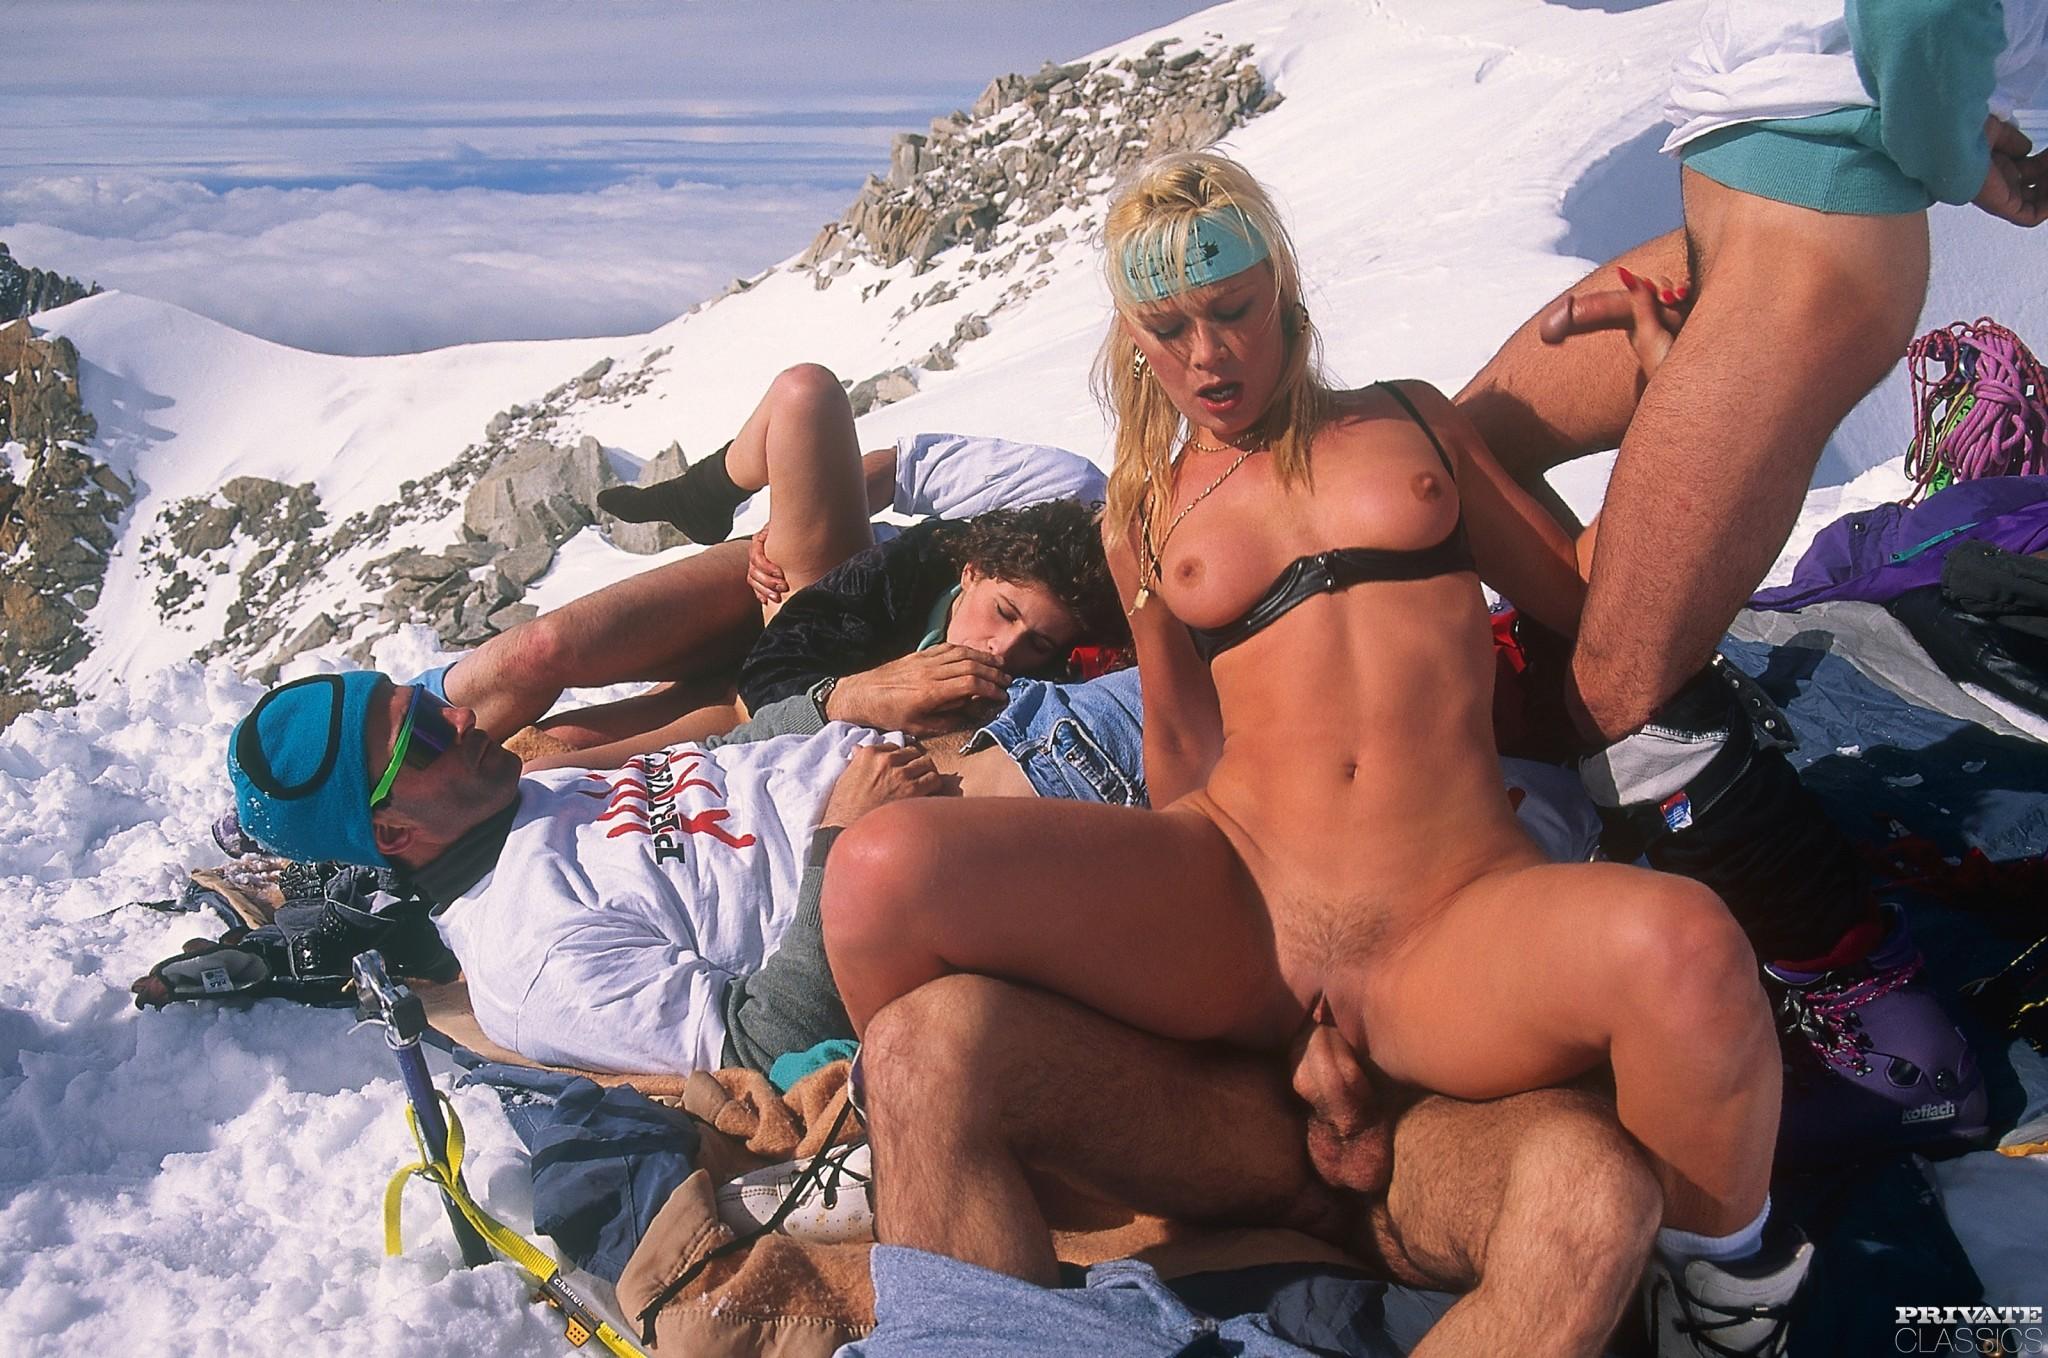 Смотреть секс горнолыжном онлайн